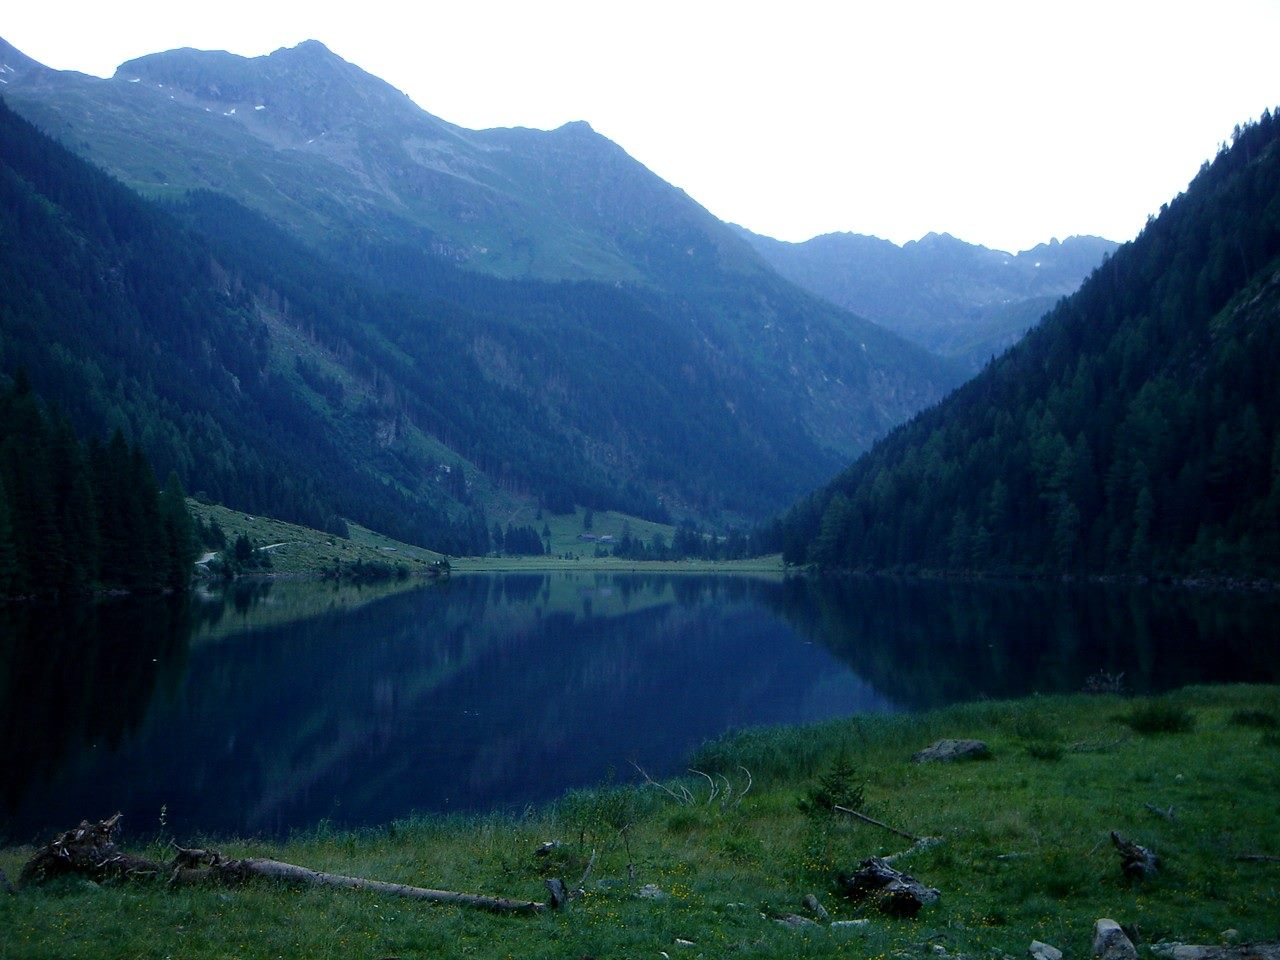 Foto: Manfred Karl / Wander Tour / Hochwildstelle-Überschreitung / Riesachsee / 15.06.2007 22:41:16